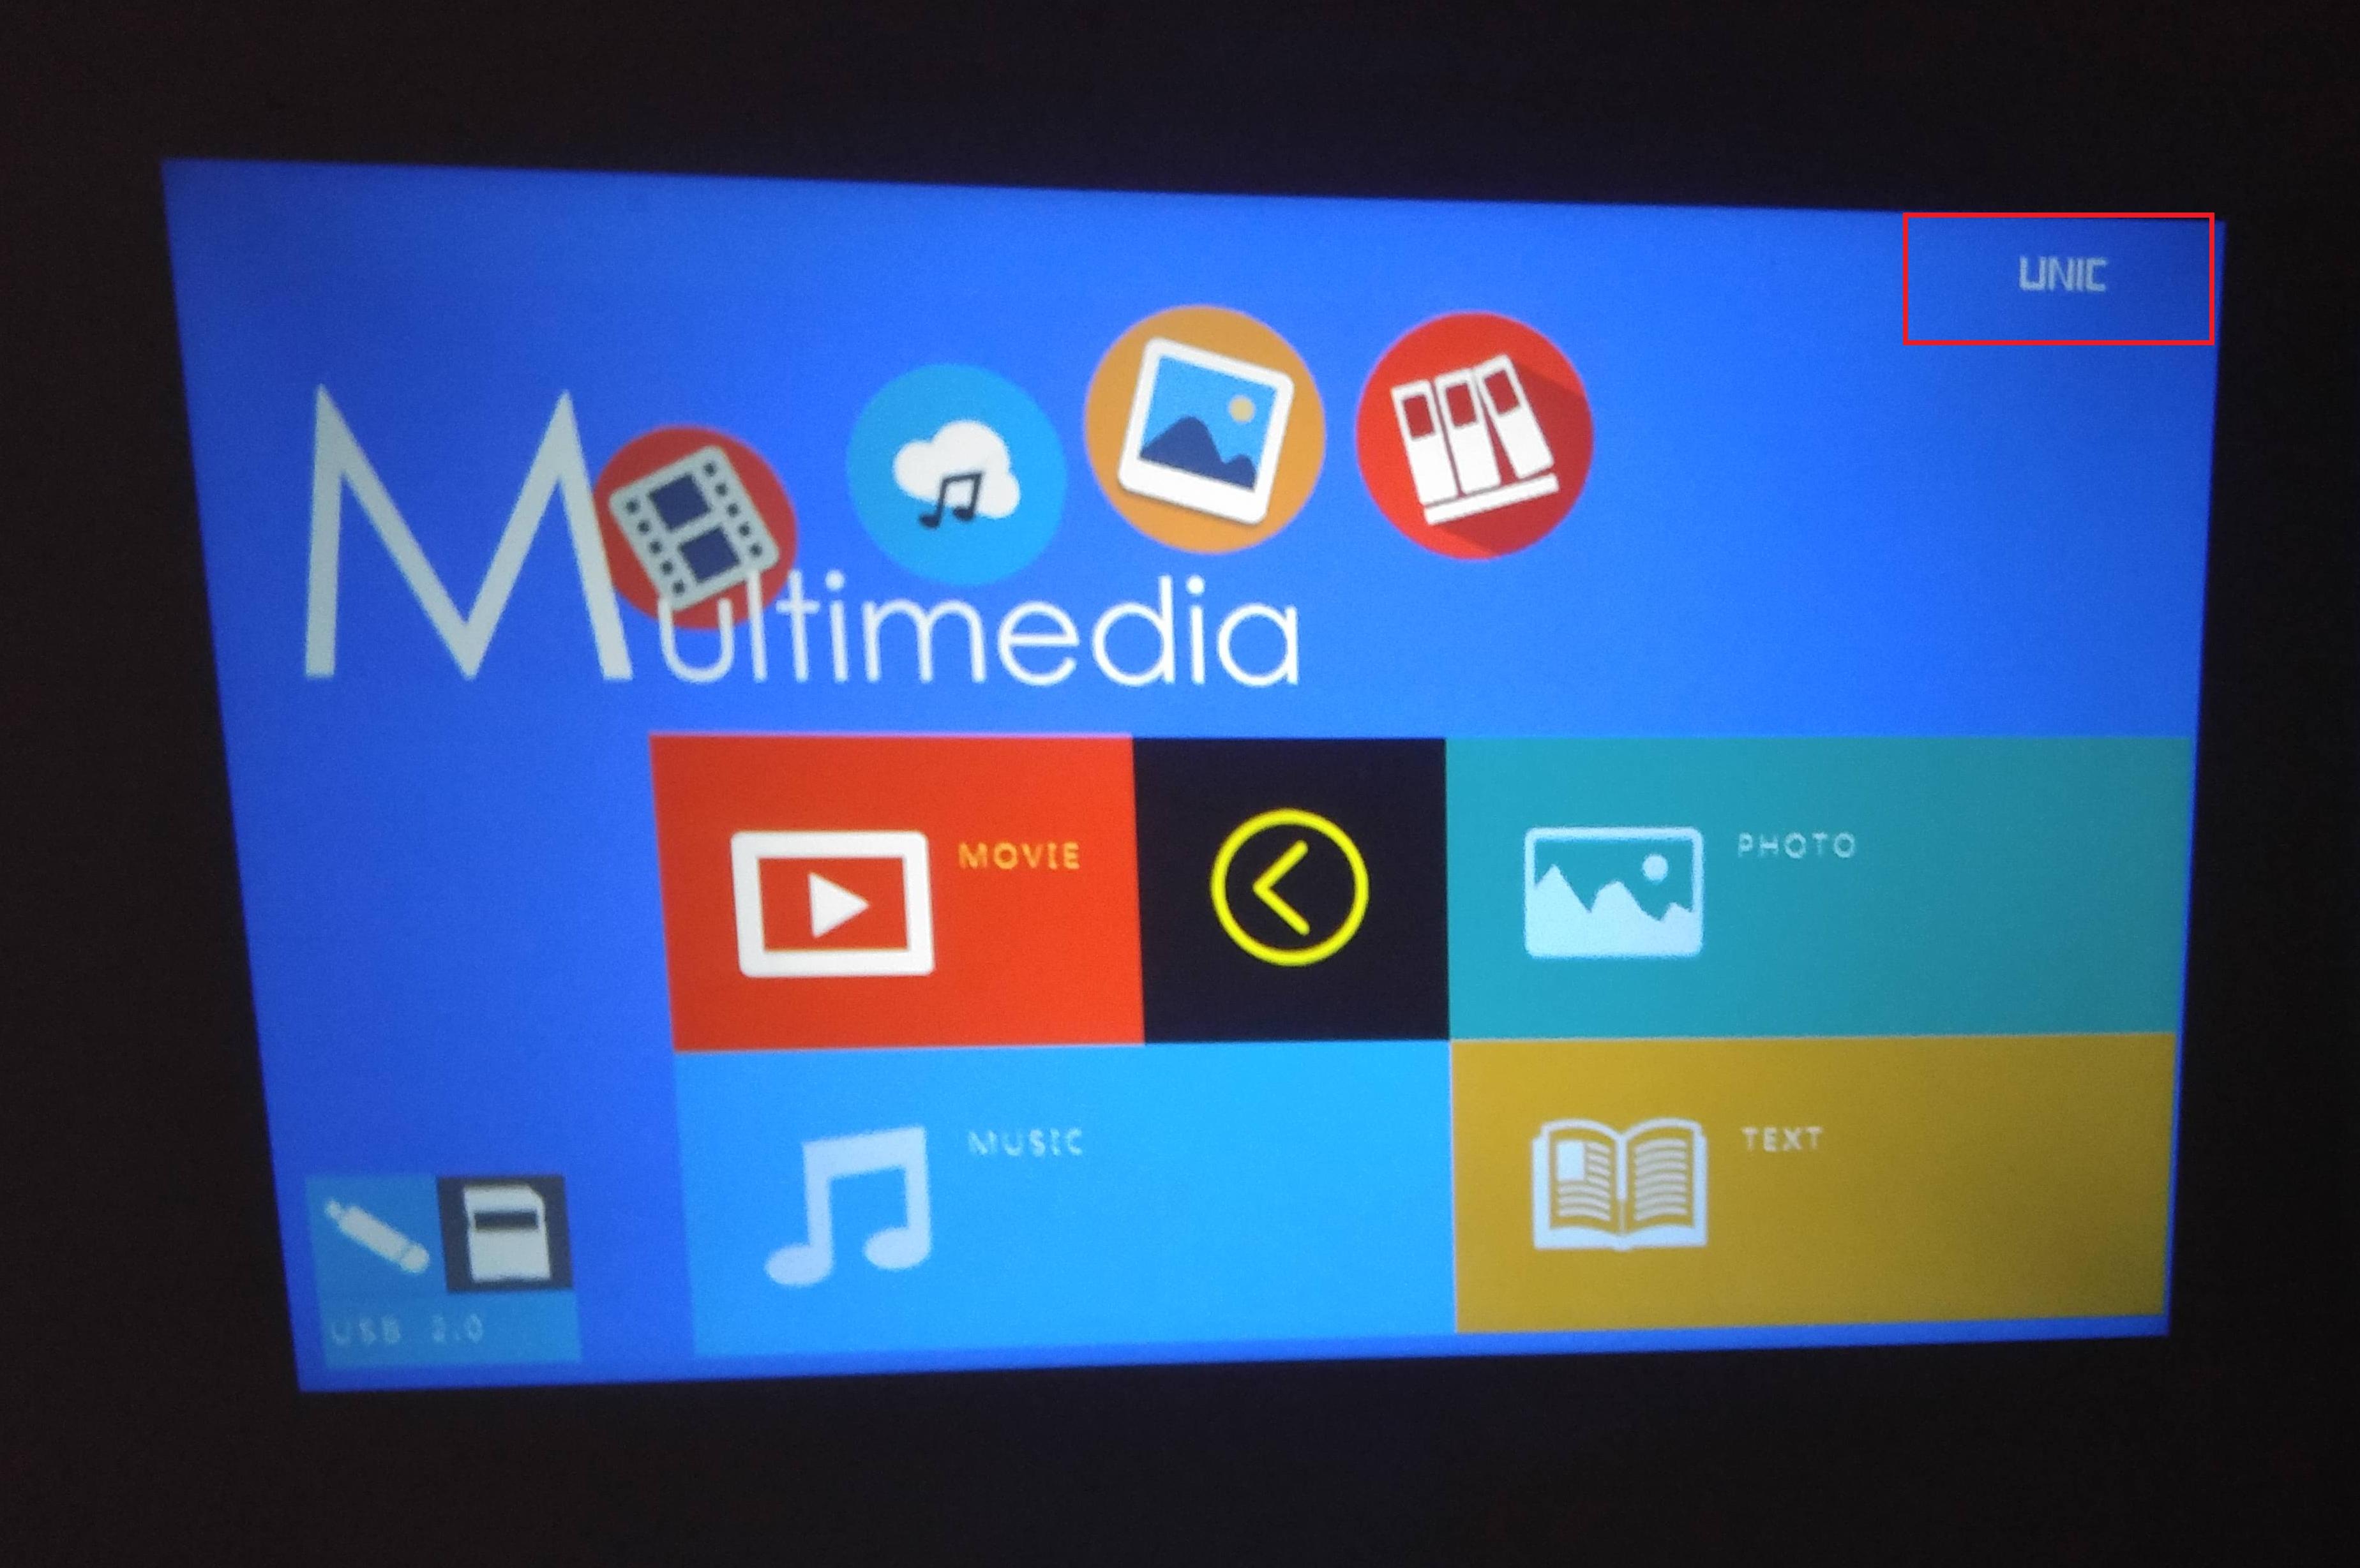 Качество изображения устройства и расположенный в верхней части экрана логотип